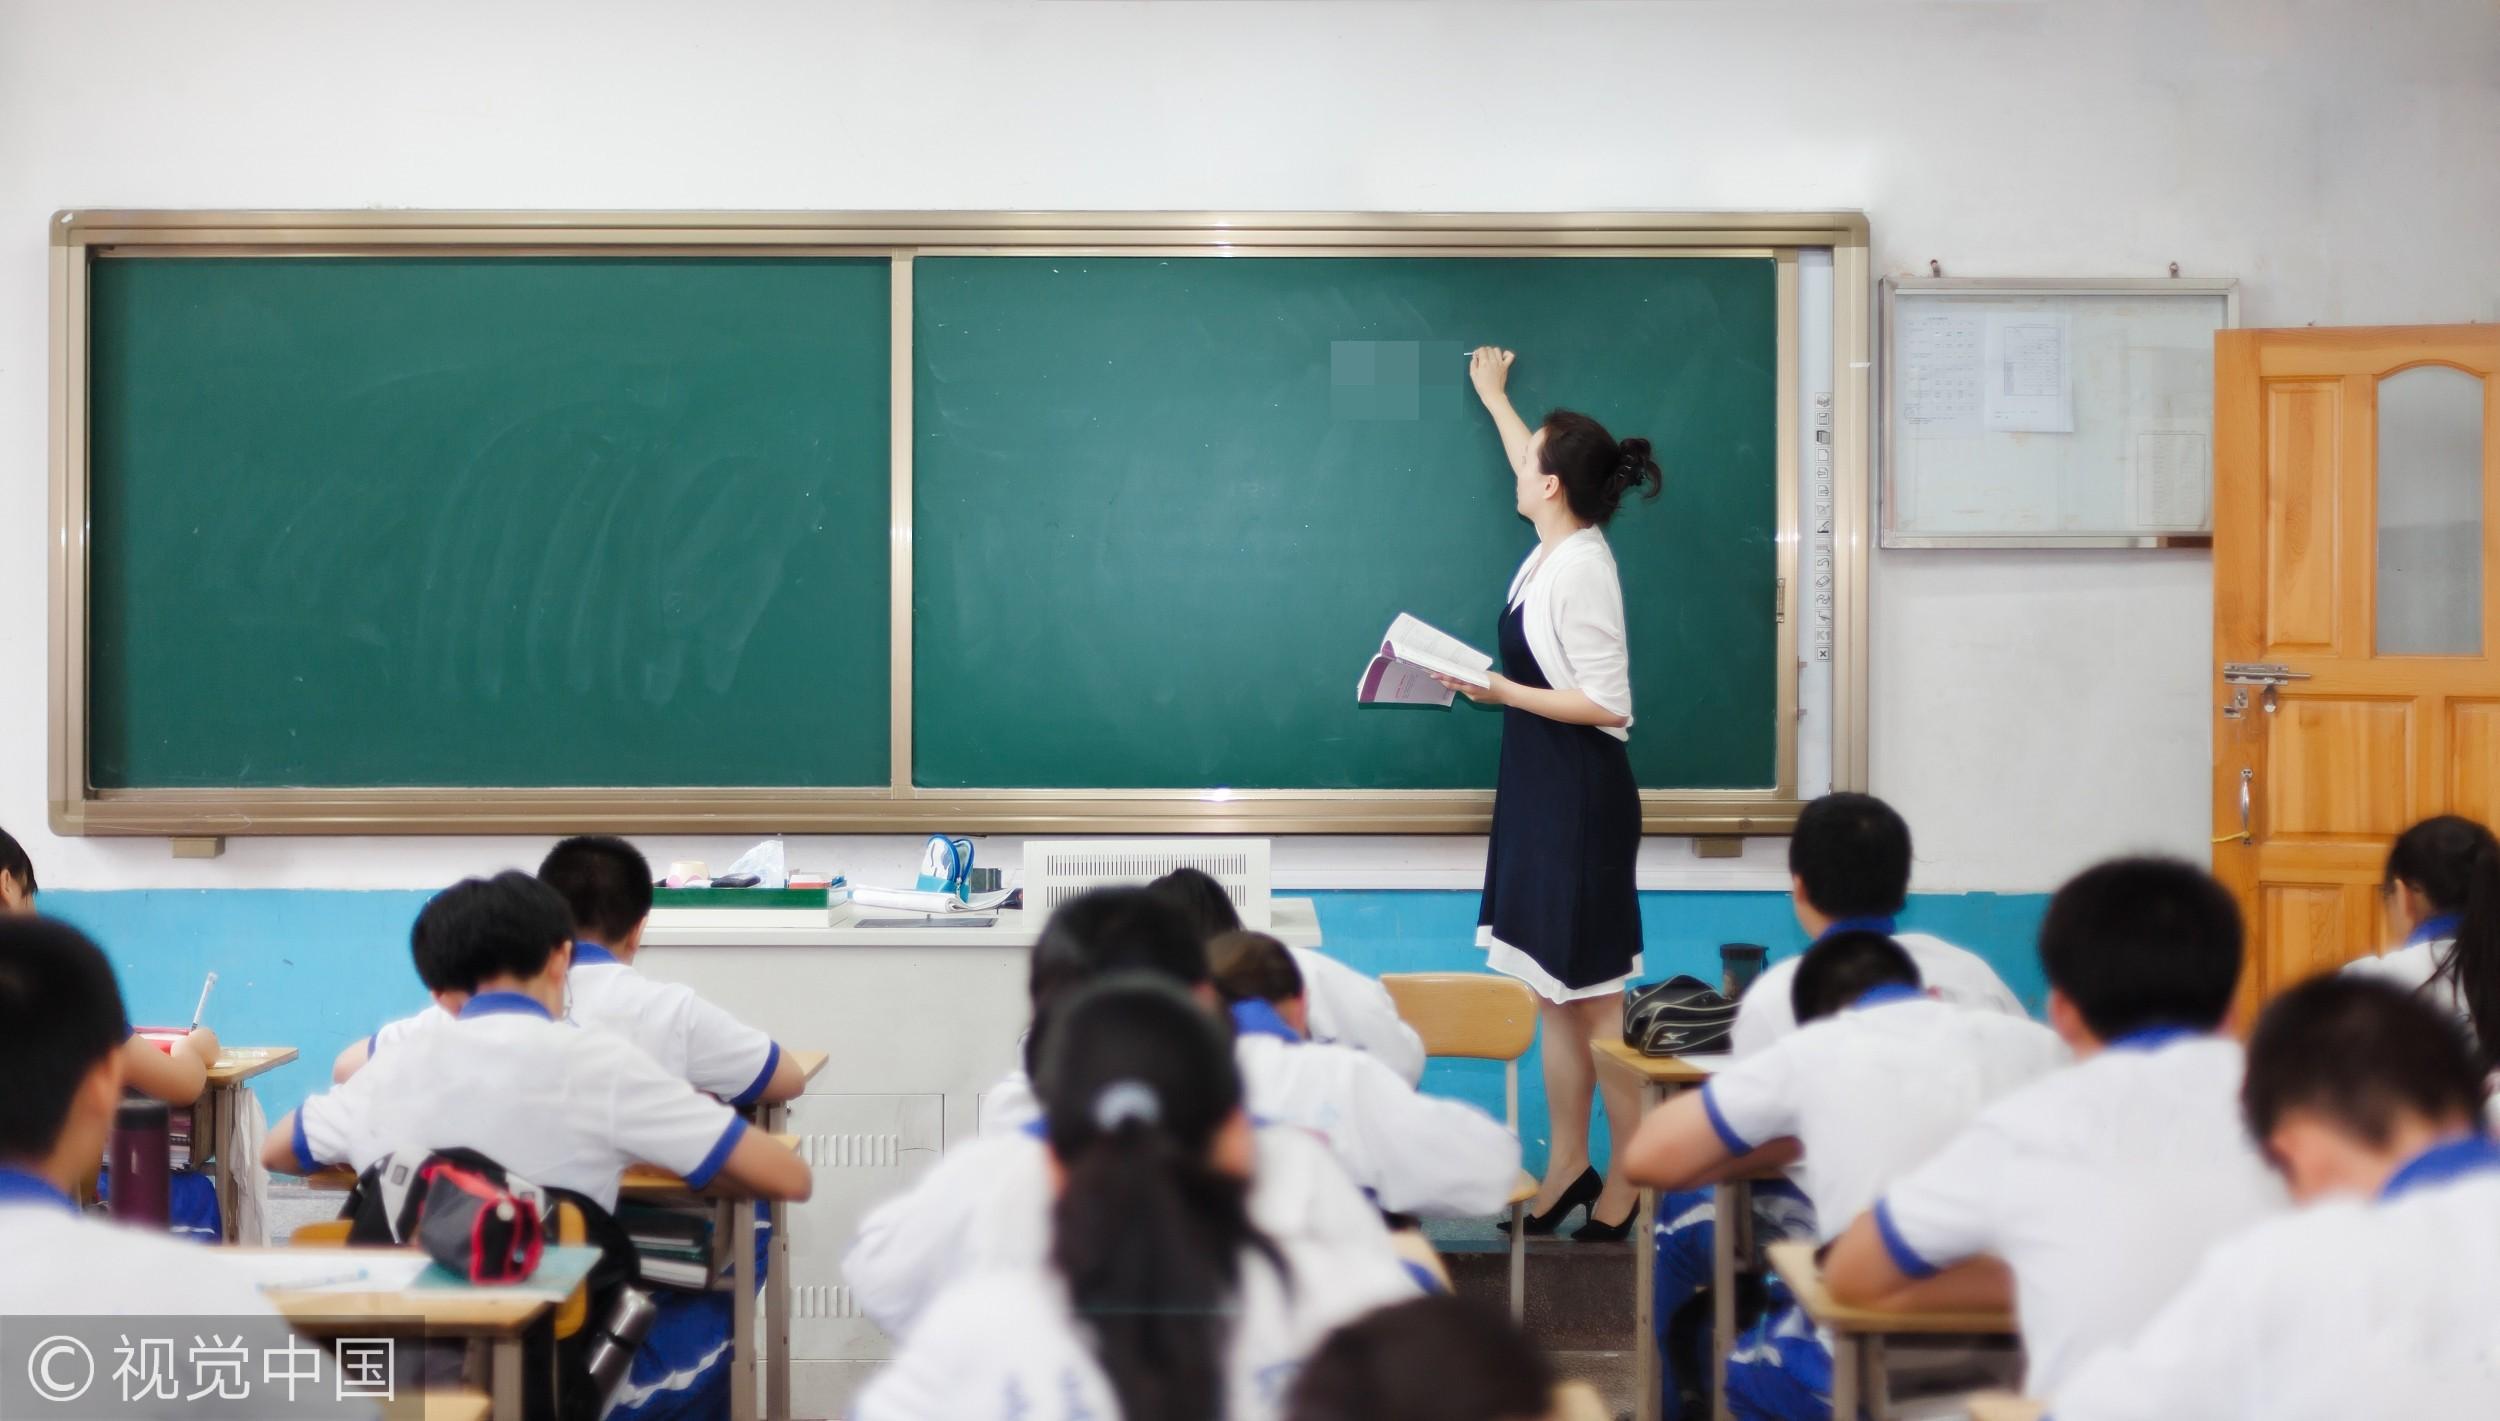 ▲▼教育,升學,課堂,學校,學生,課綱,老師。(圖/CFP)